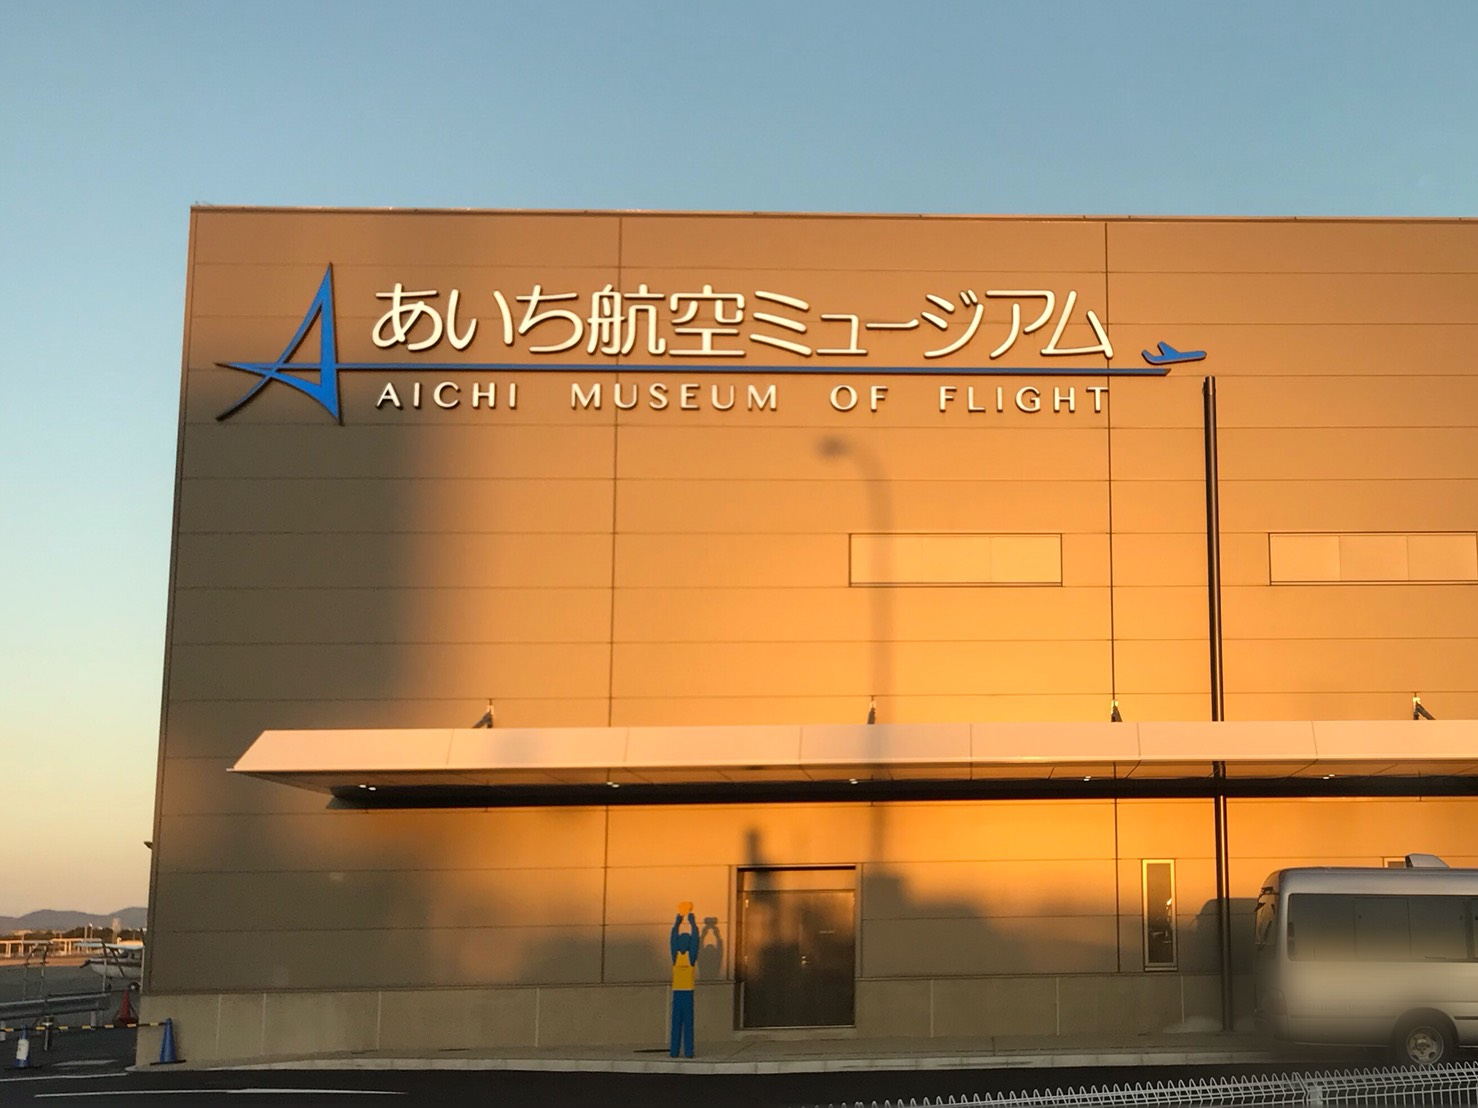 あいち航空ミュージアム お土産のおすすめ3選はこれ!